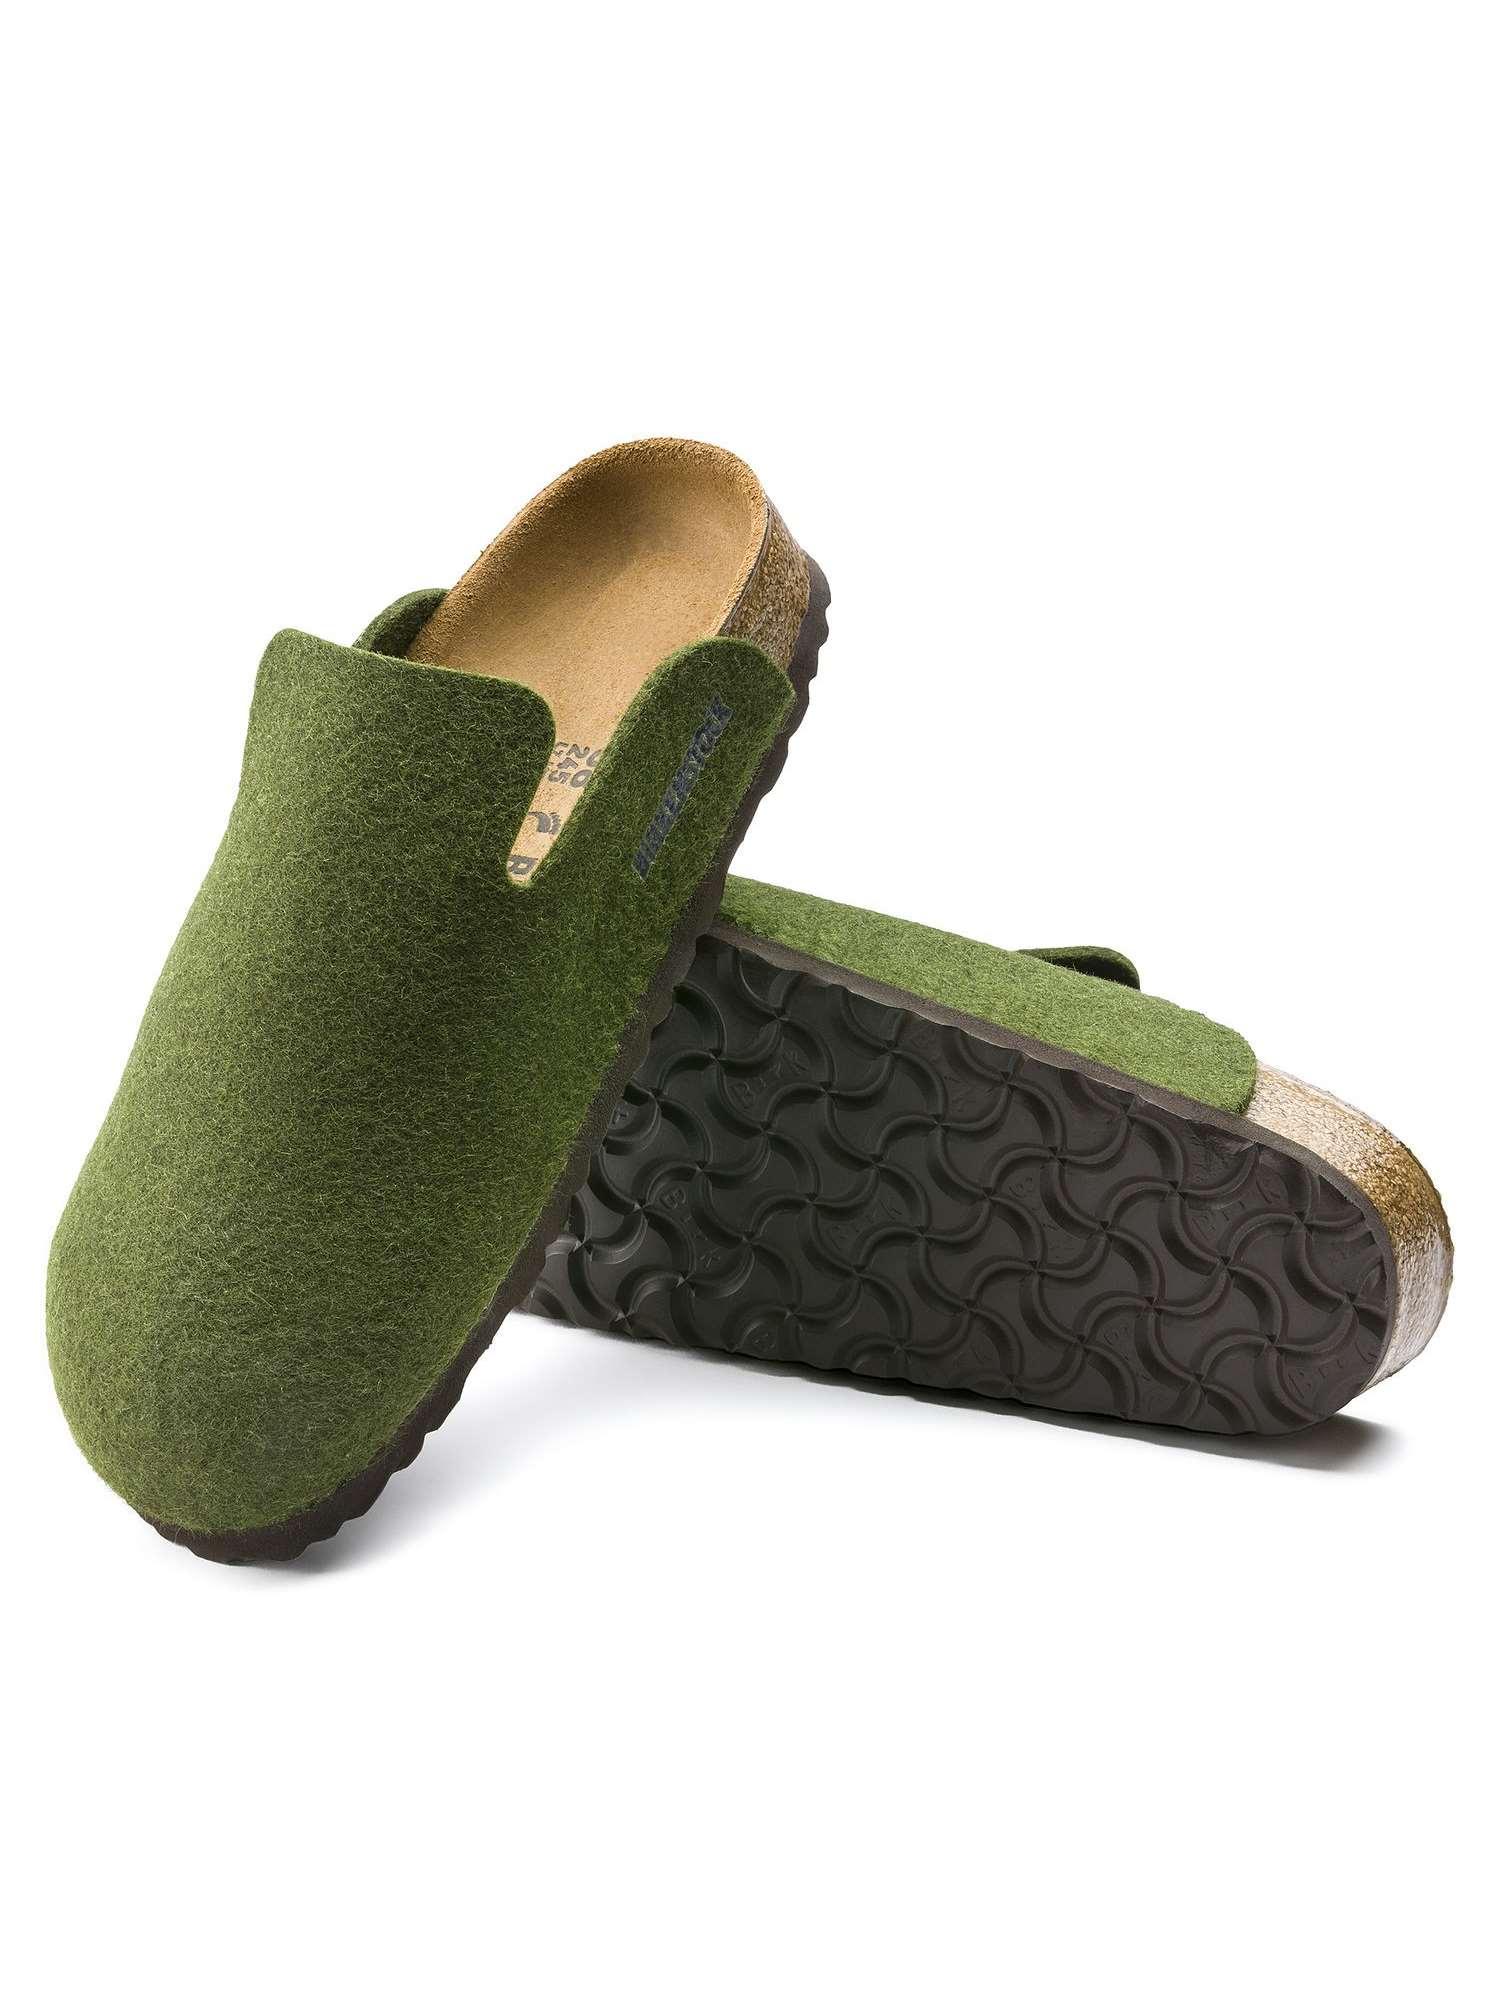 Negoziare nulla Riuscito  Birkenstock Pantofola Punta Chiusa Verde   Pantofola Punta Chiusa Uomo  Feltro   Tania Calzature Bari